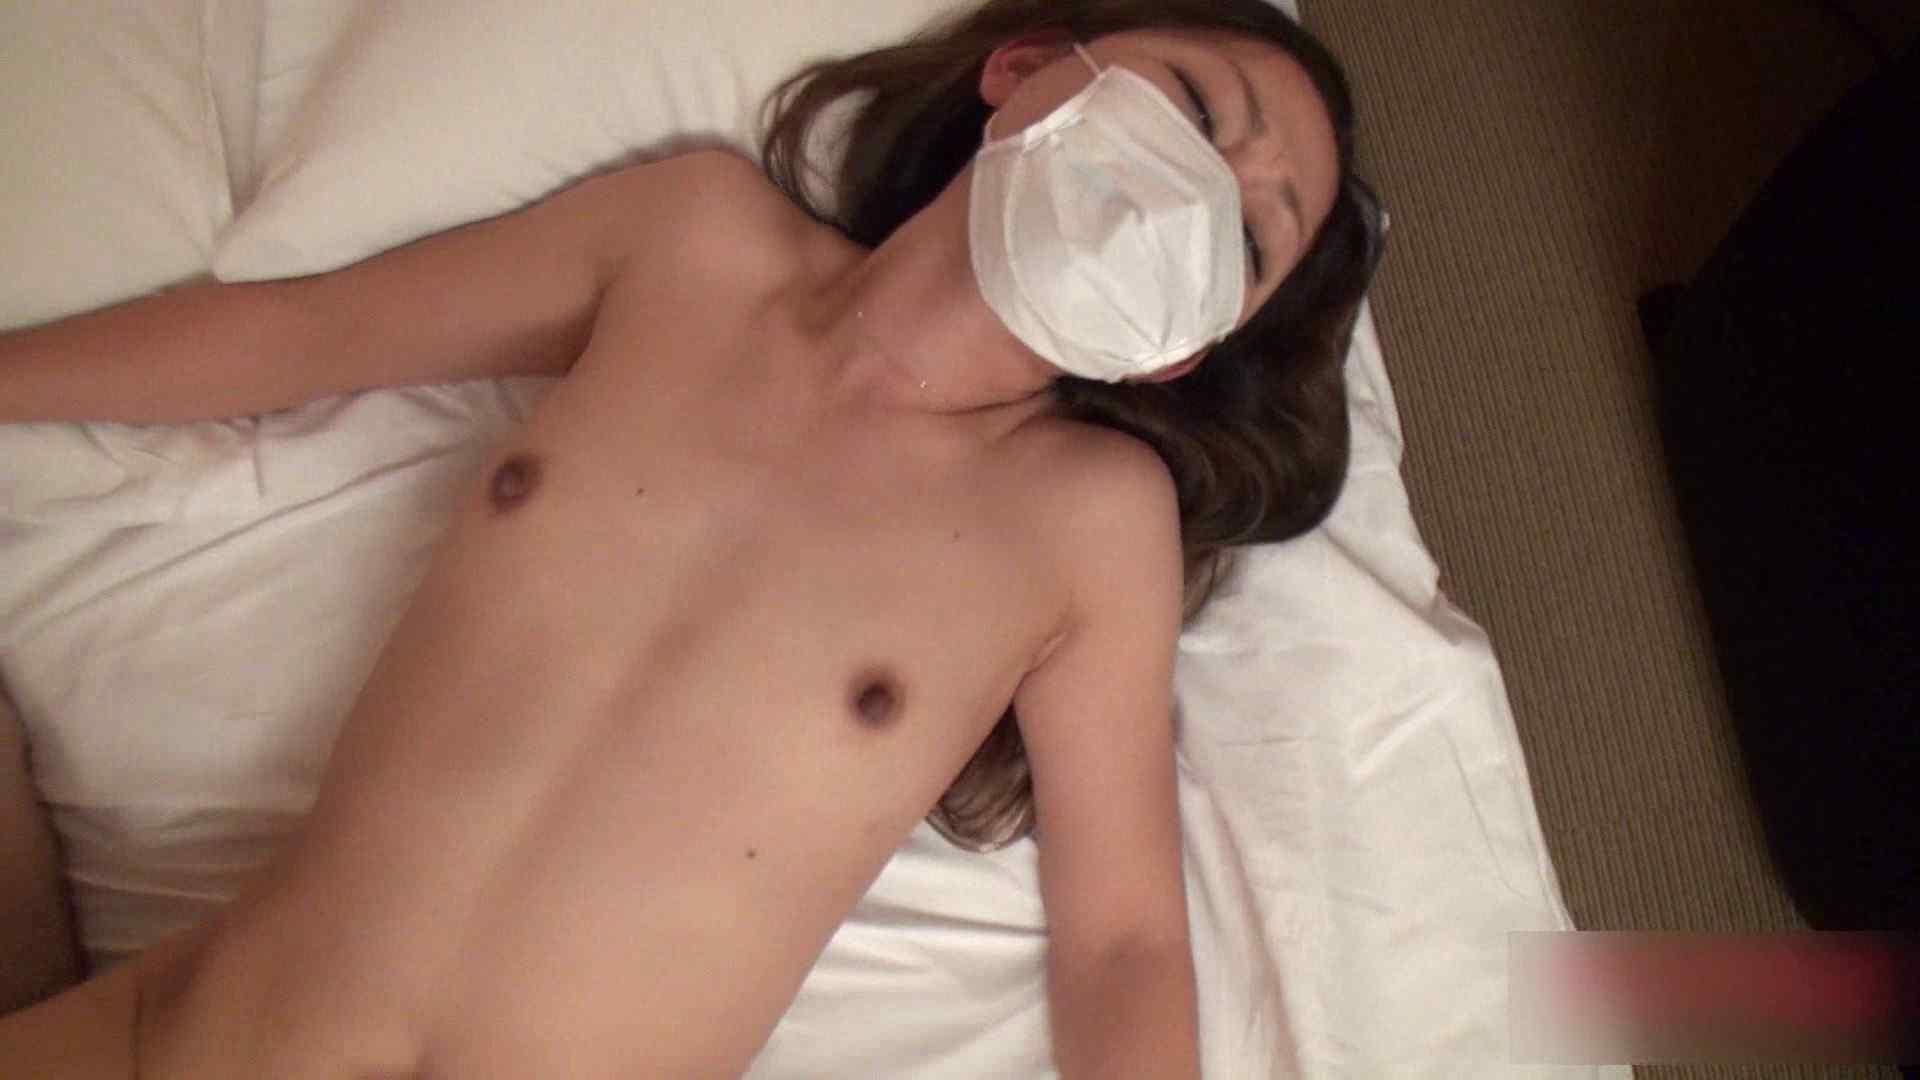 ヒトヅマックス!淫乱の宴 淫乱すぎる女性達   人妻エロ映像  85pic 31